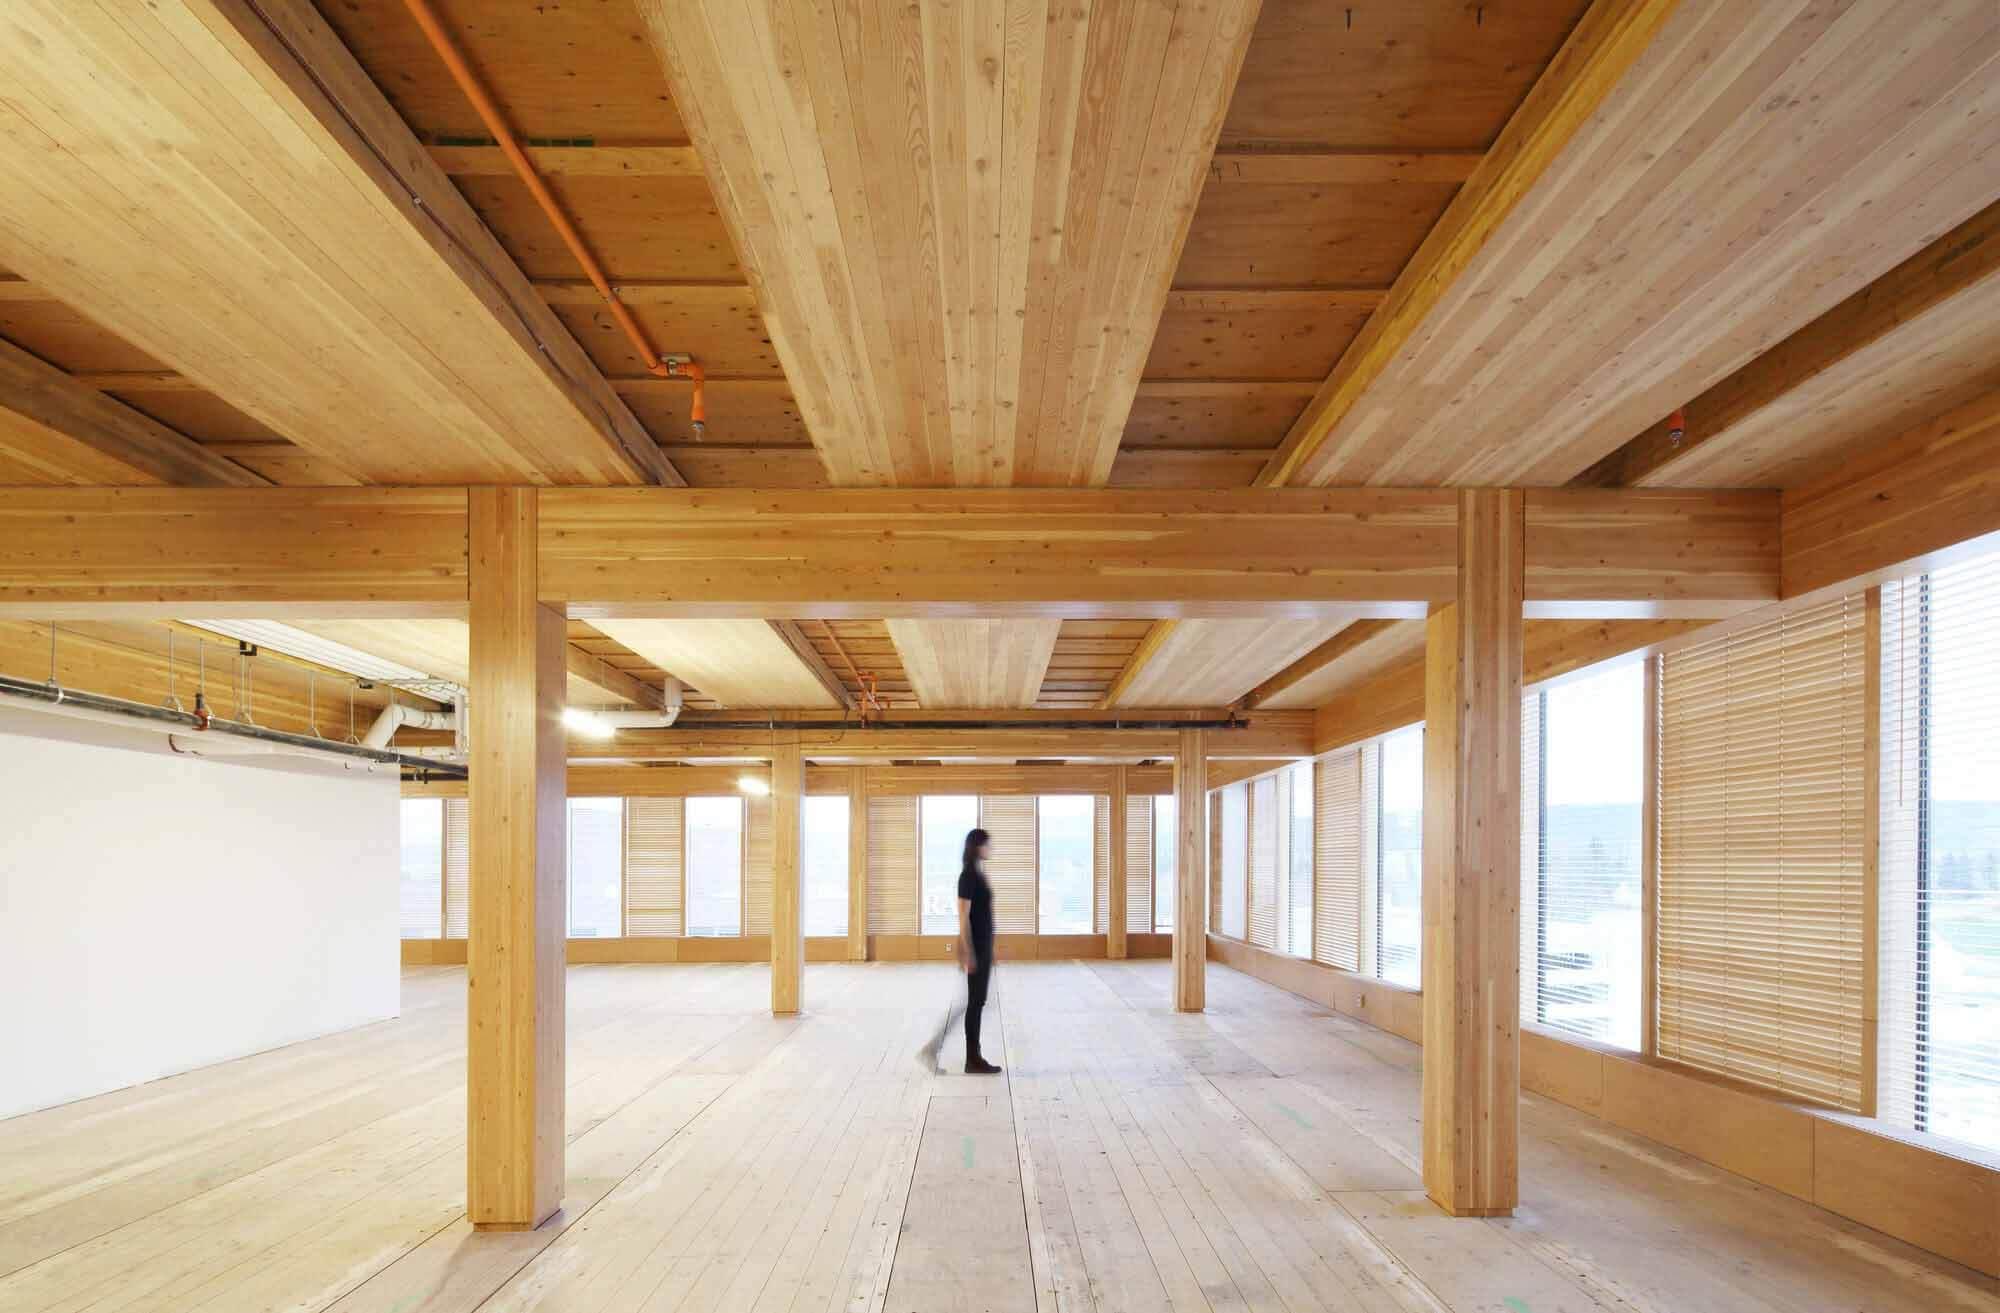 Центр инновационного дизайна древесины / Архитектура Майкла Грина